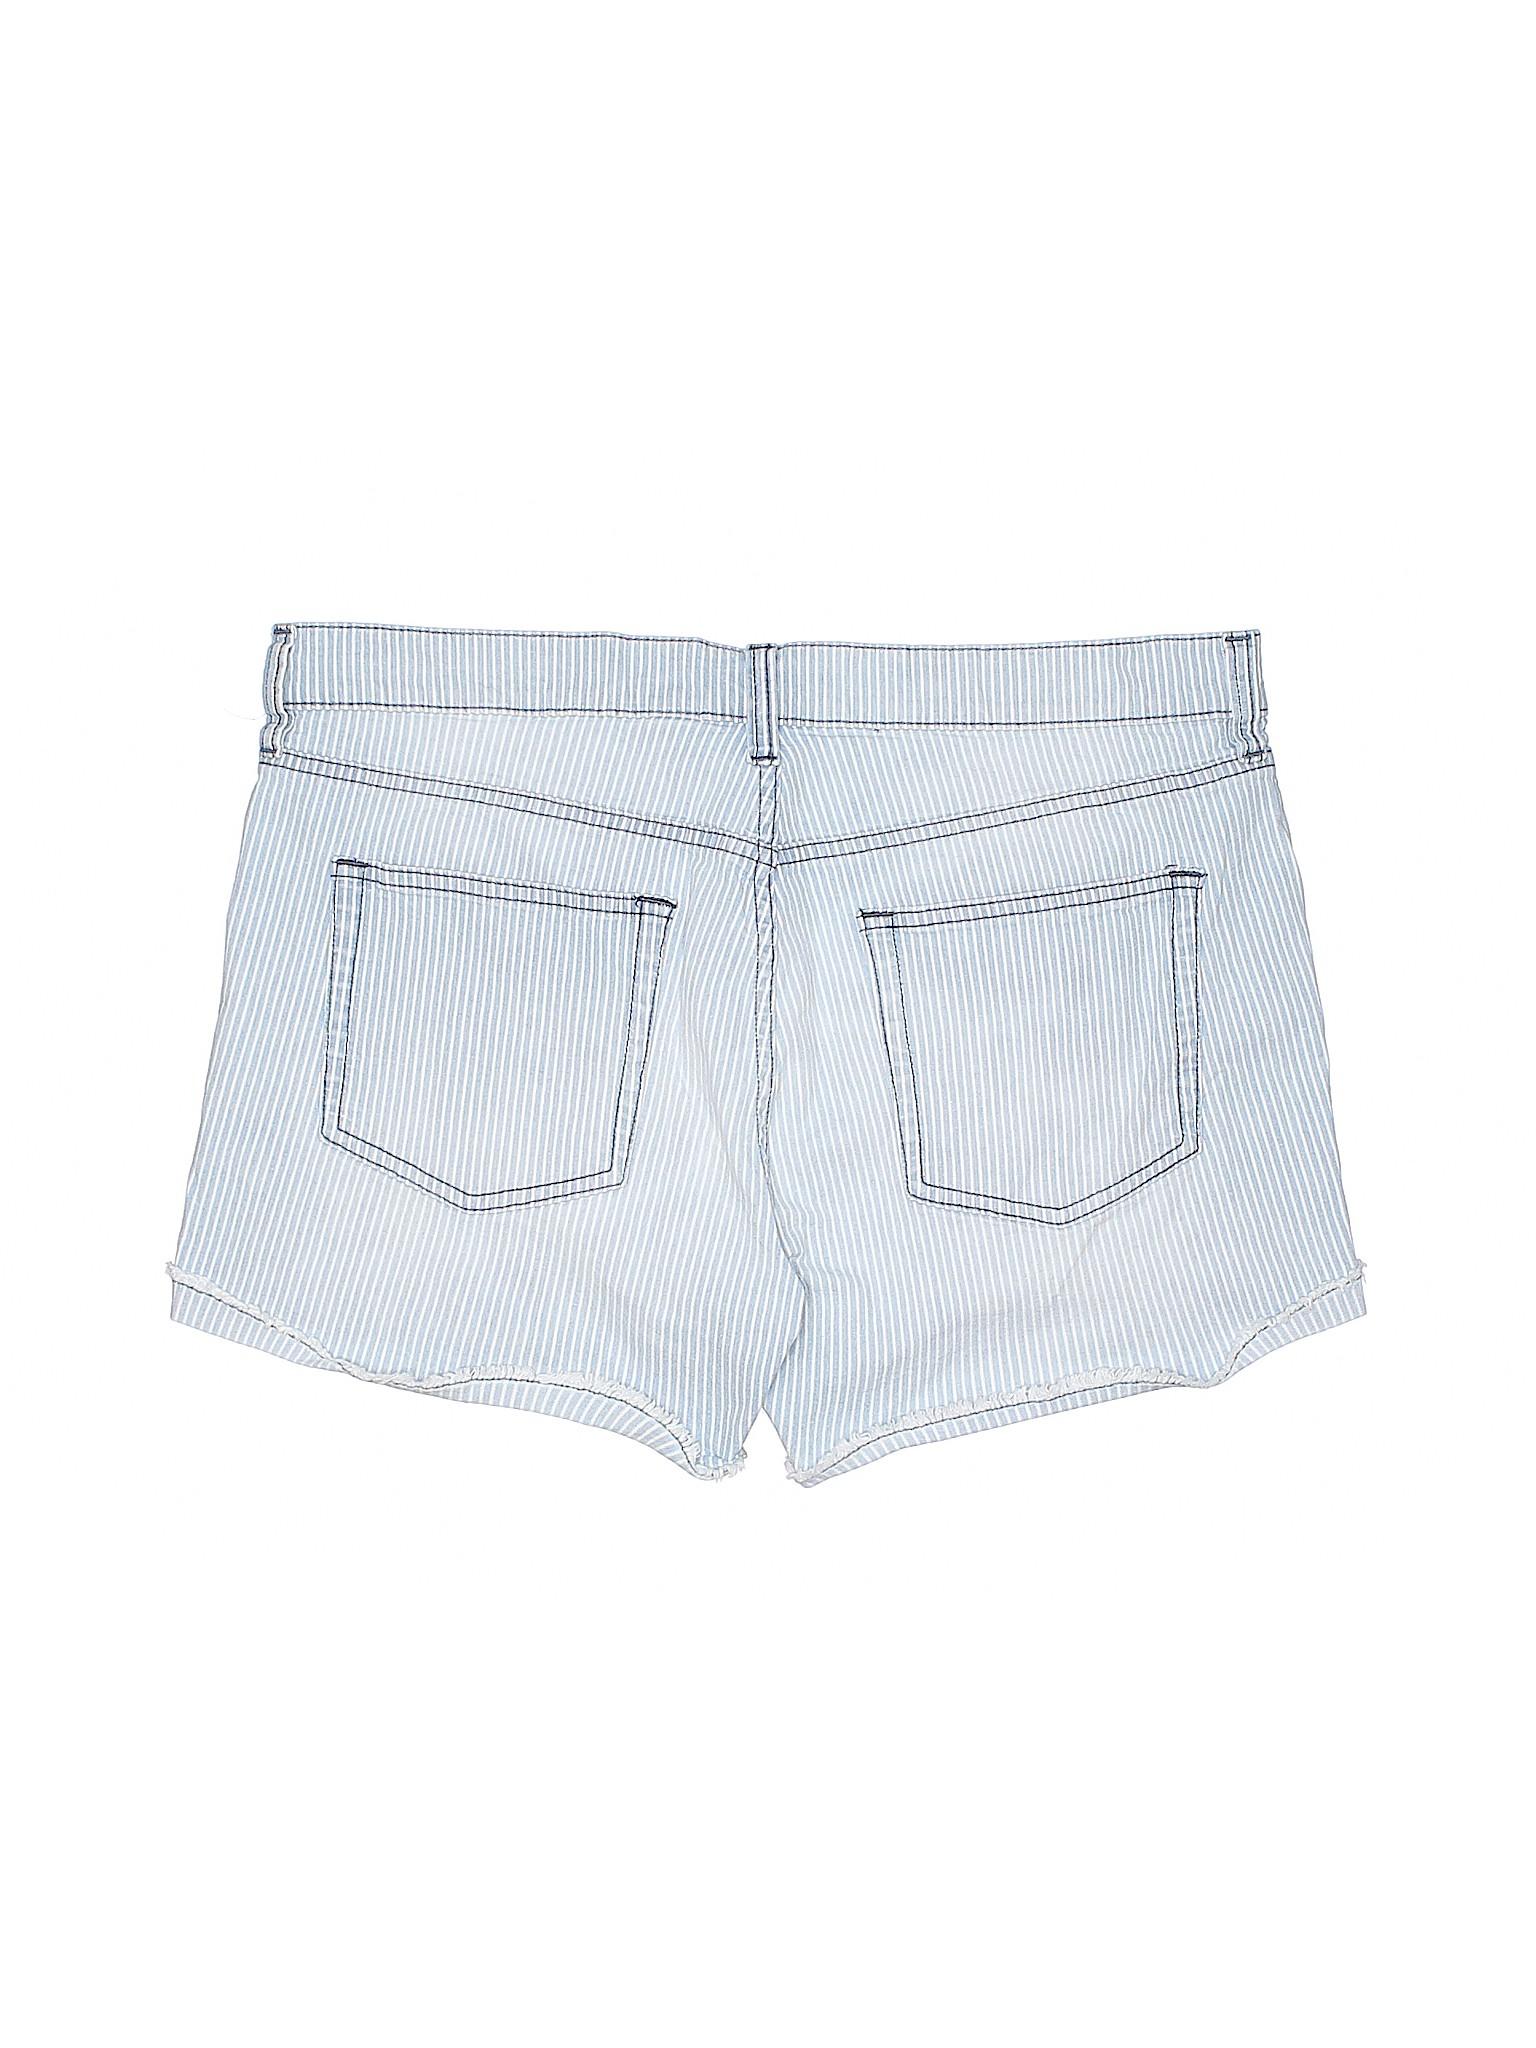 J Crew Shorts Collection Denim Boutique XwRq41Hz8z